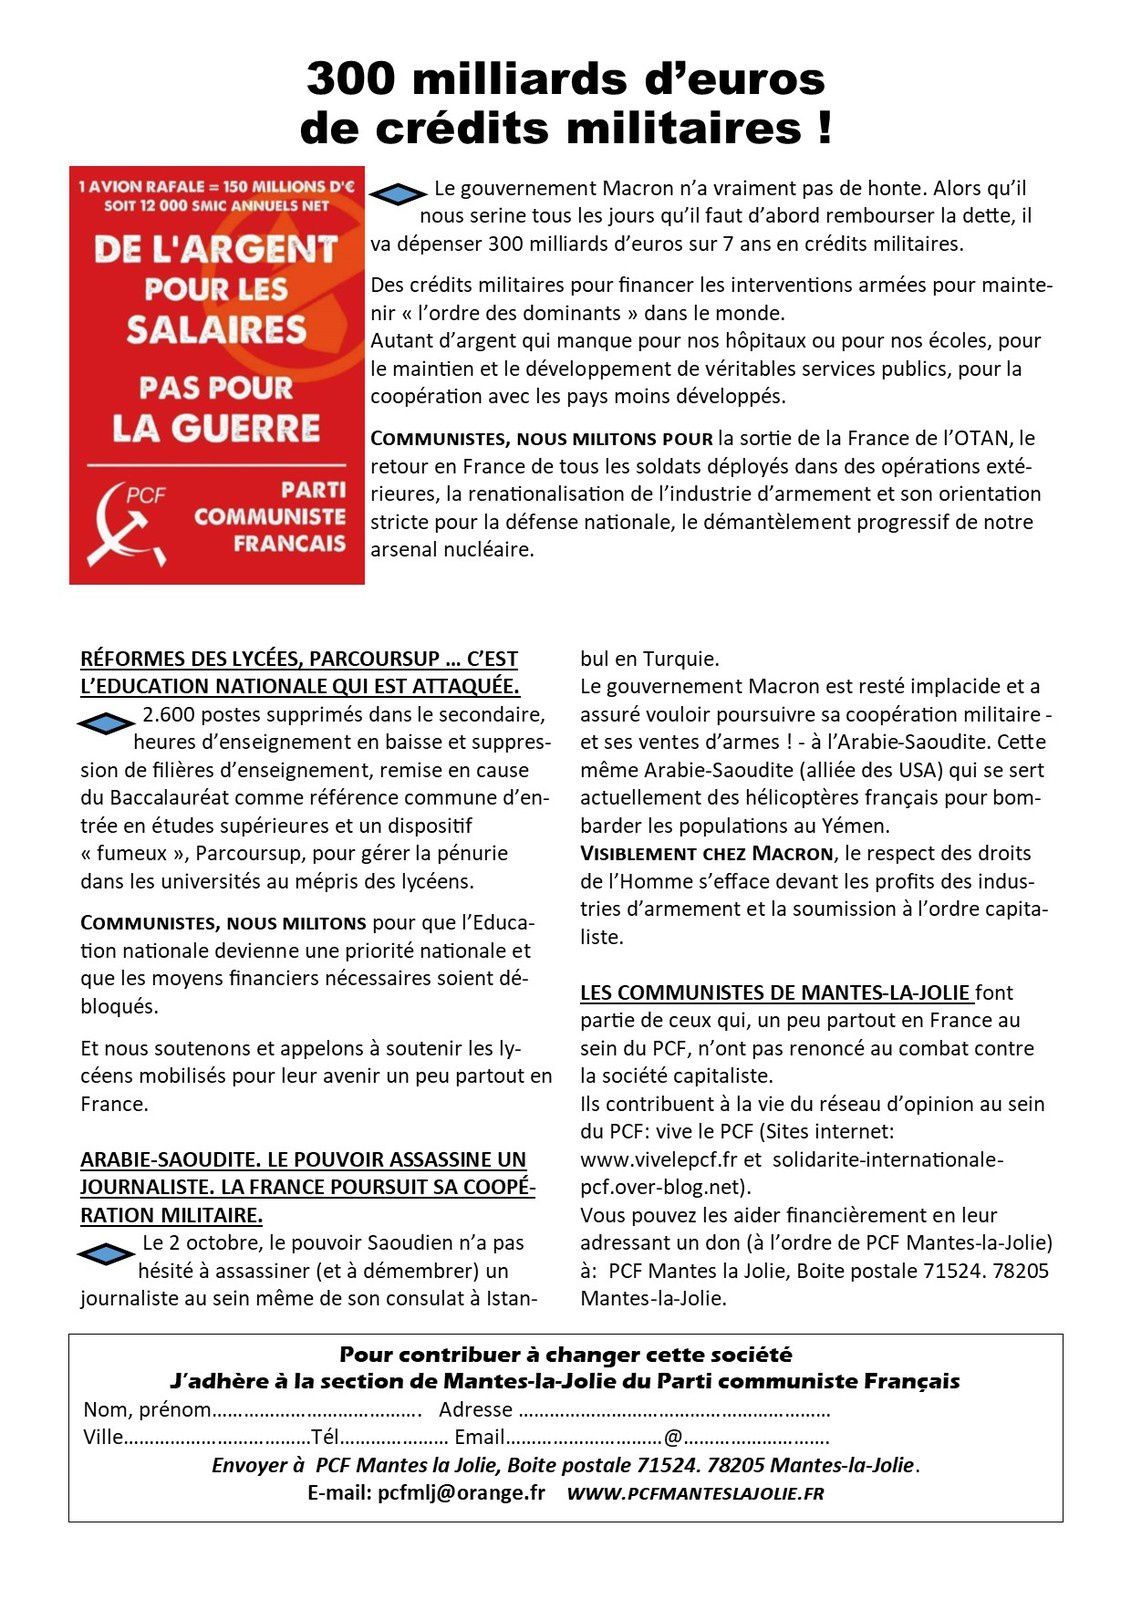 RÉFORMES DES LYCÉES, PARCOURSUP … C'EST L'EDUCATION NATIONALE QUI EST ATTAQUÉE.